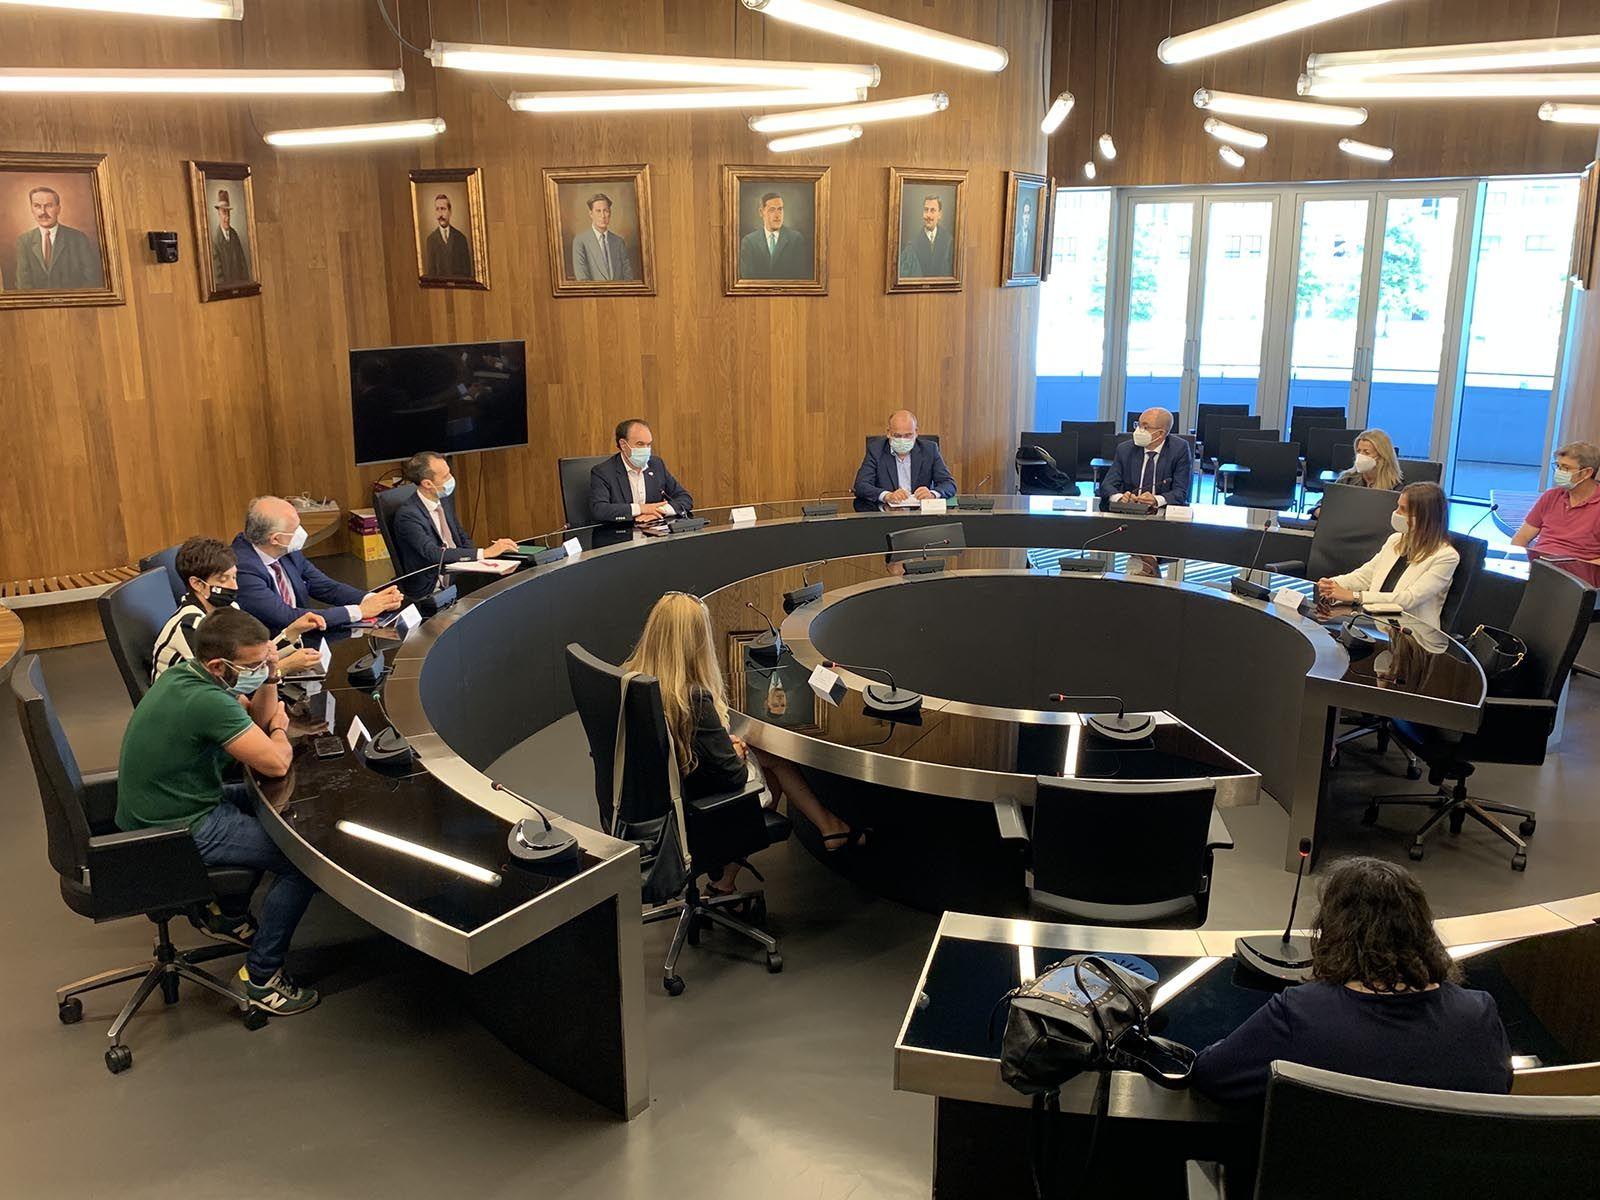 Convenio con el Ayuntamiento de Lalín